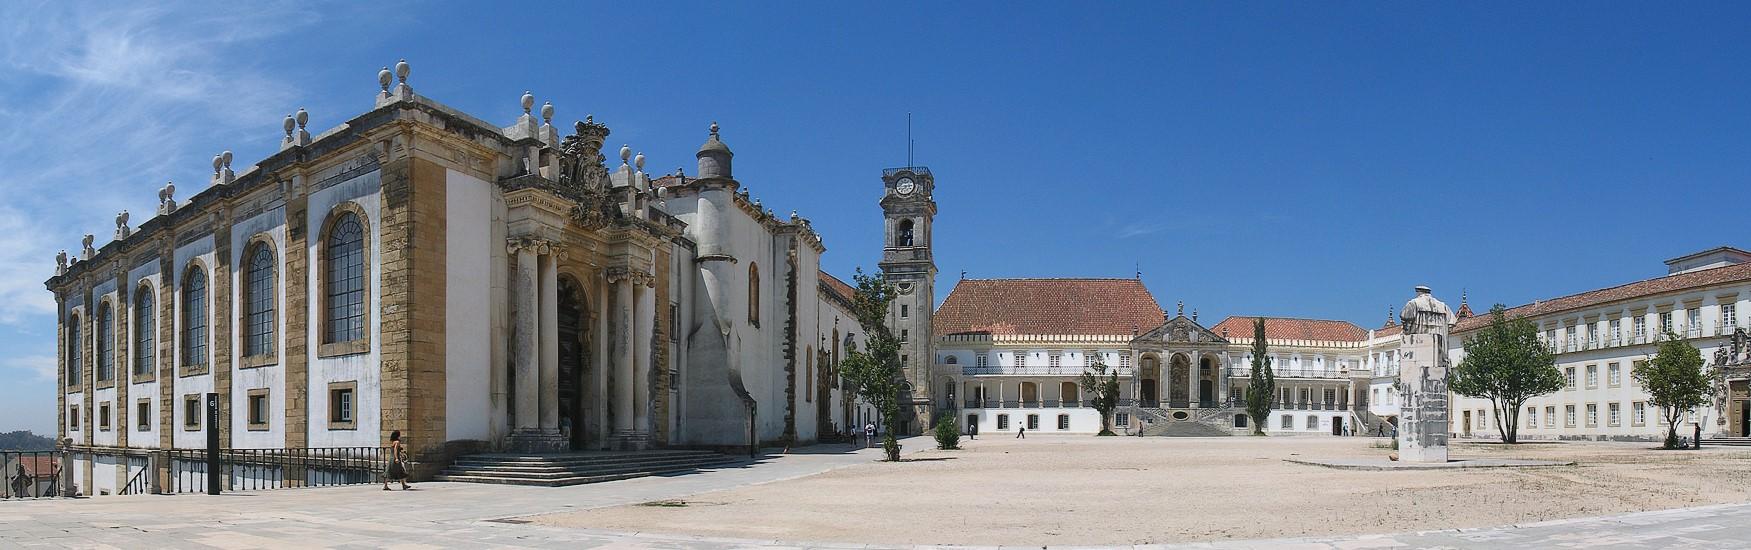 Turismo Histórico – Paço Real e Paço das Escolas